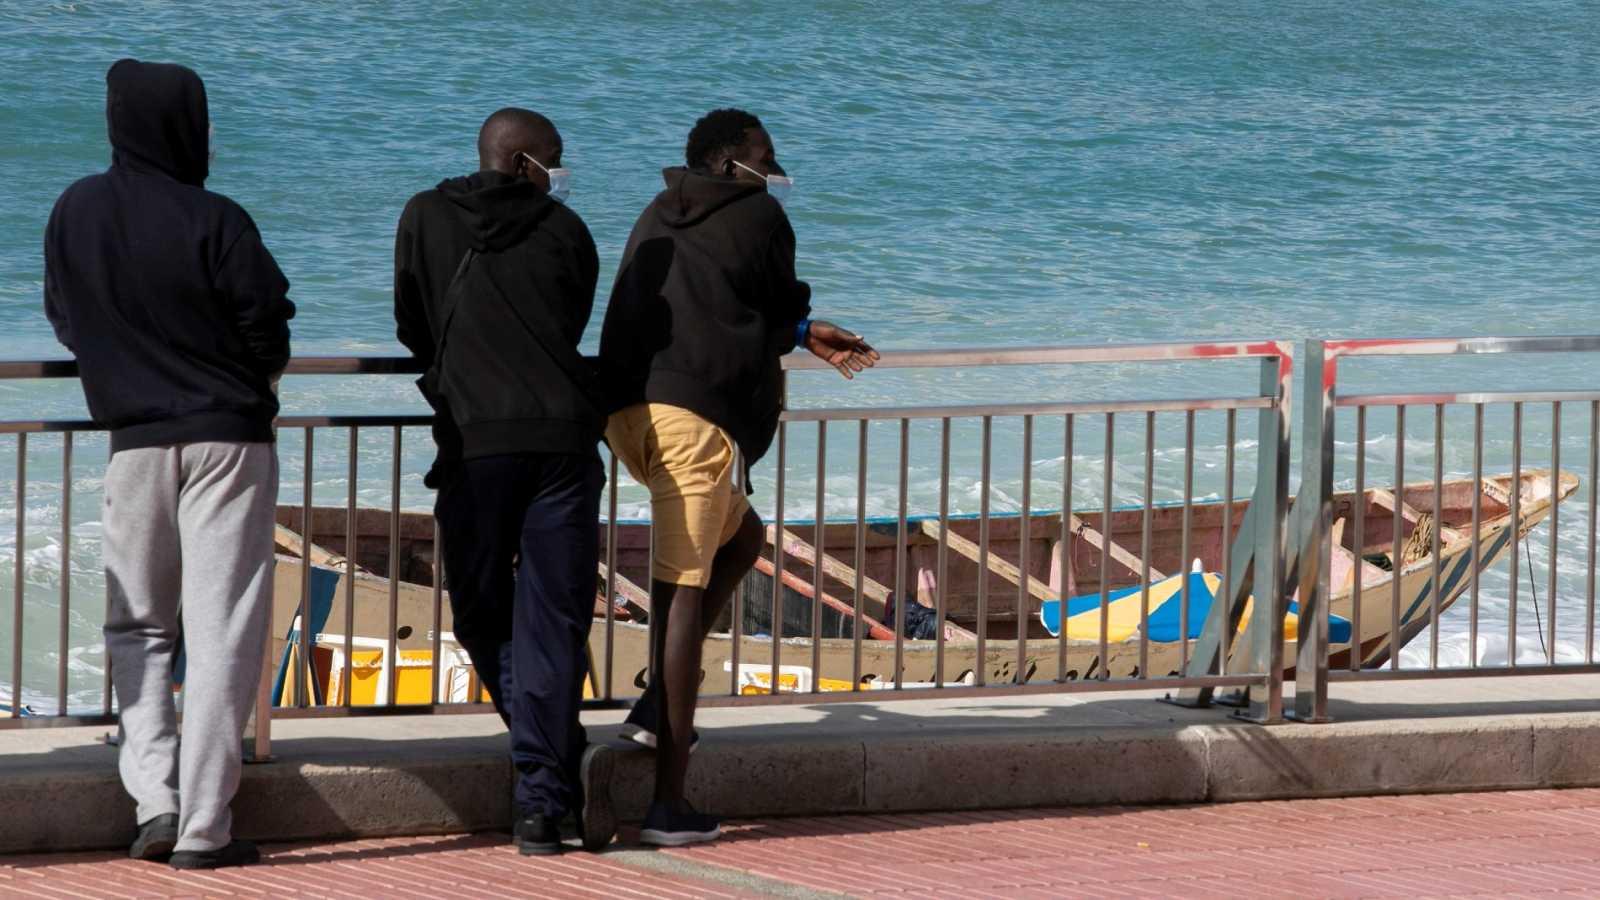 Más de 70 migrantes han sido expulsados por mal comportamiento de los hoteles canarios, según Cruz Roja